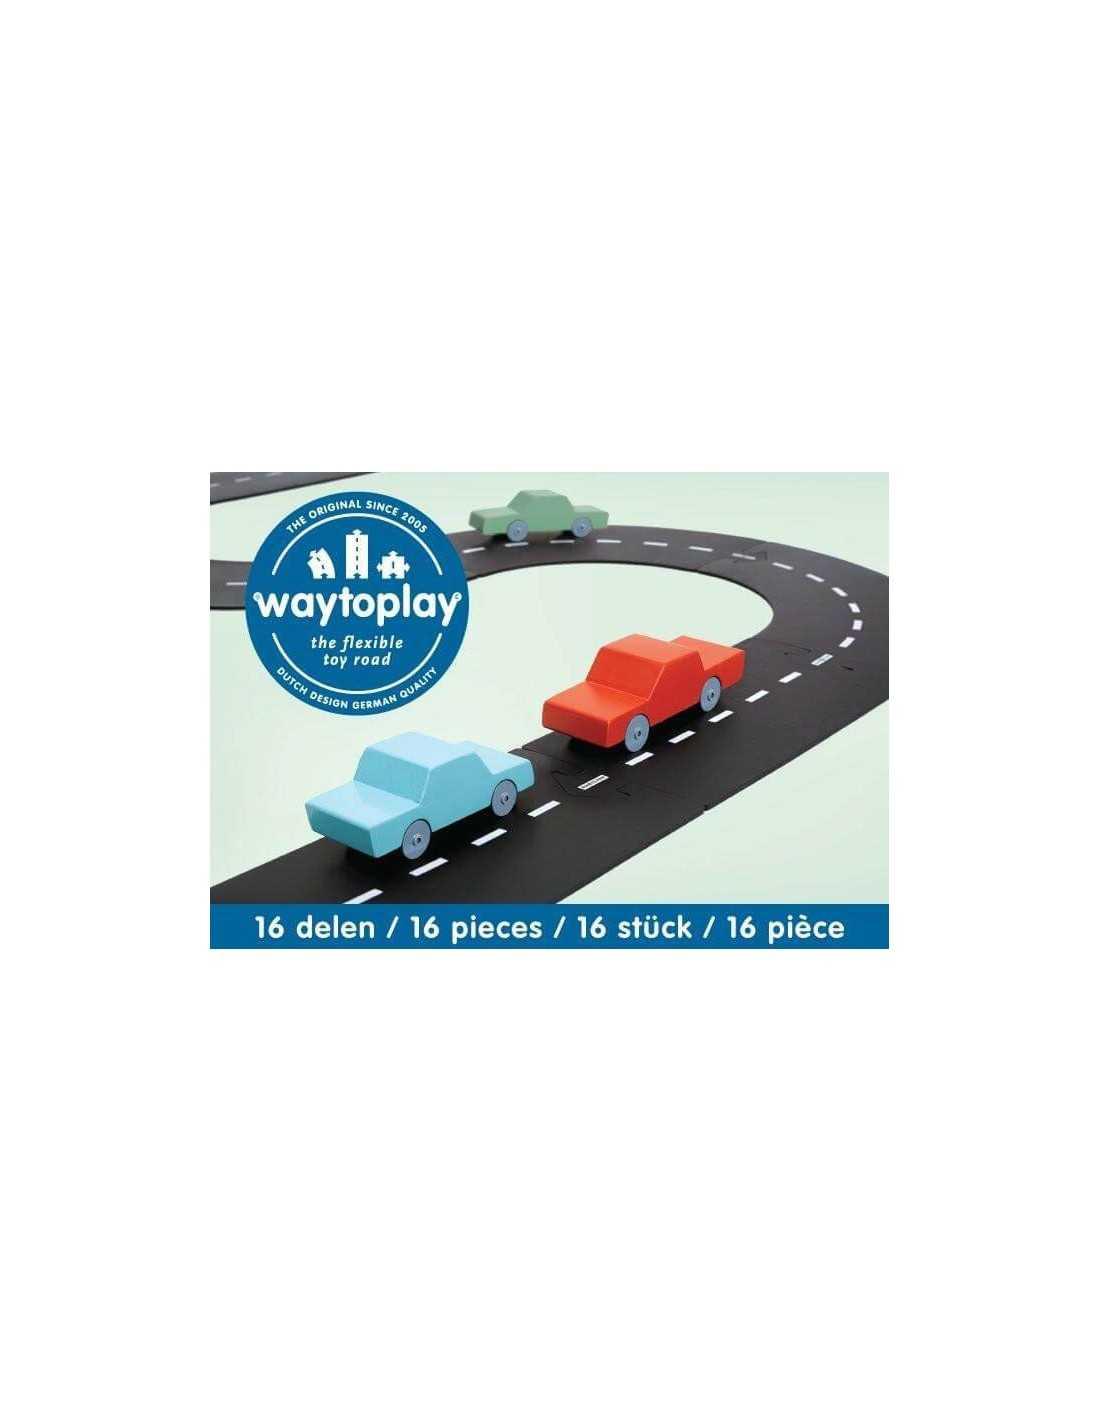 Voiture Flexible Way Pour Tendances Mes To Circuit Route Play Et PTlwkOuZXi